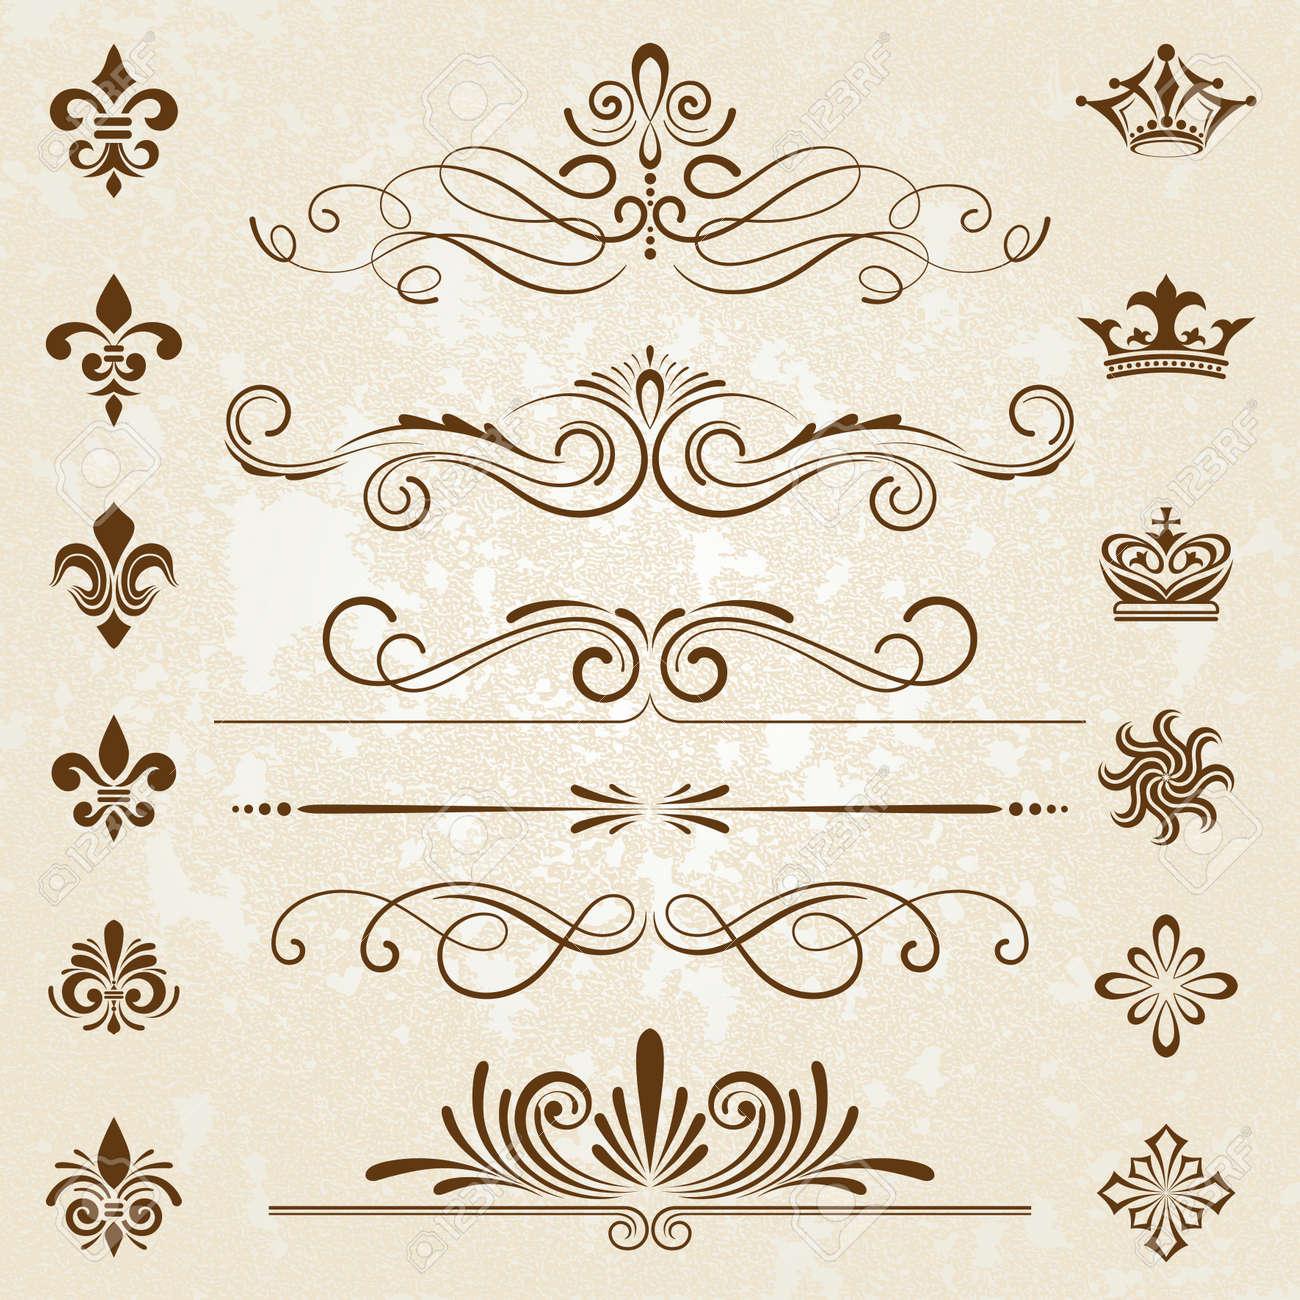 Vintage decoration design elements with page decor - 22066203